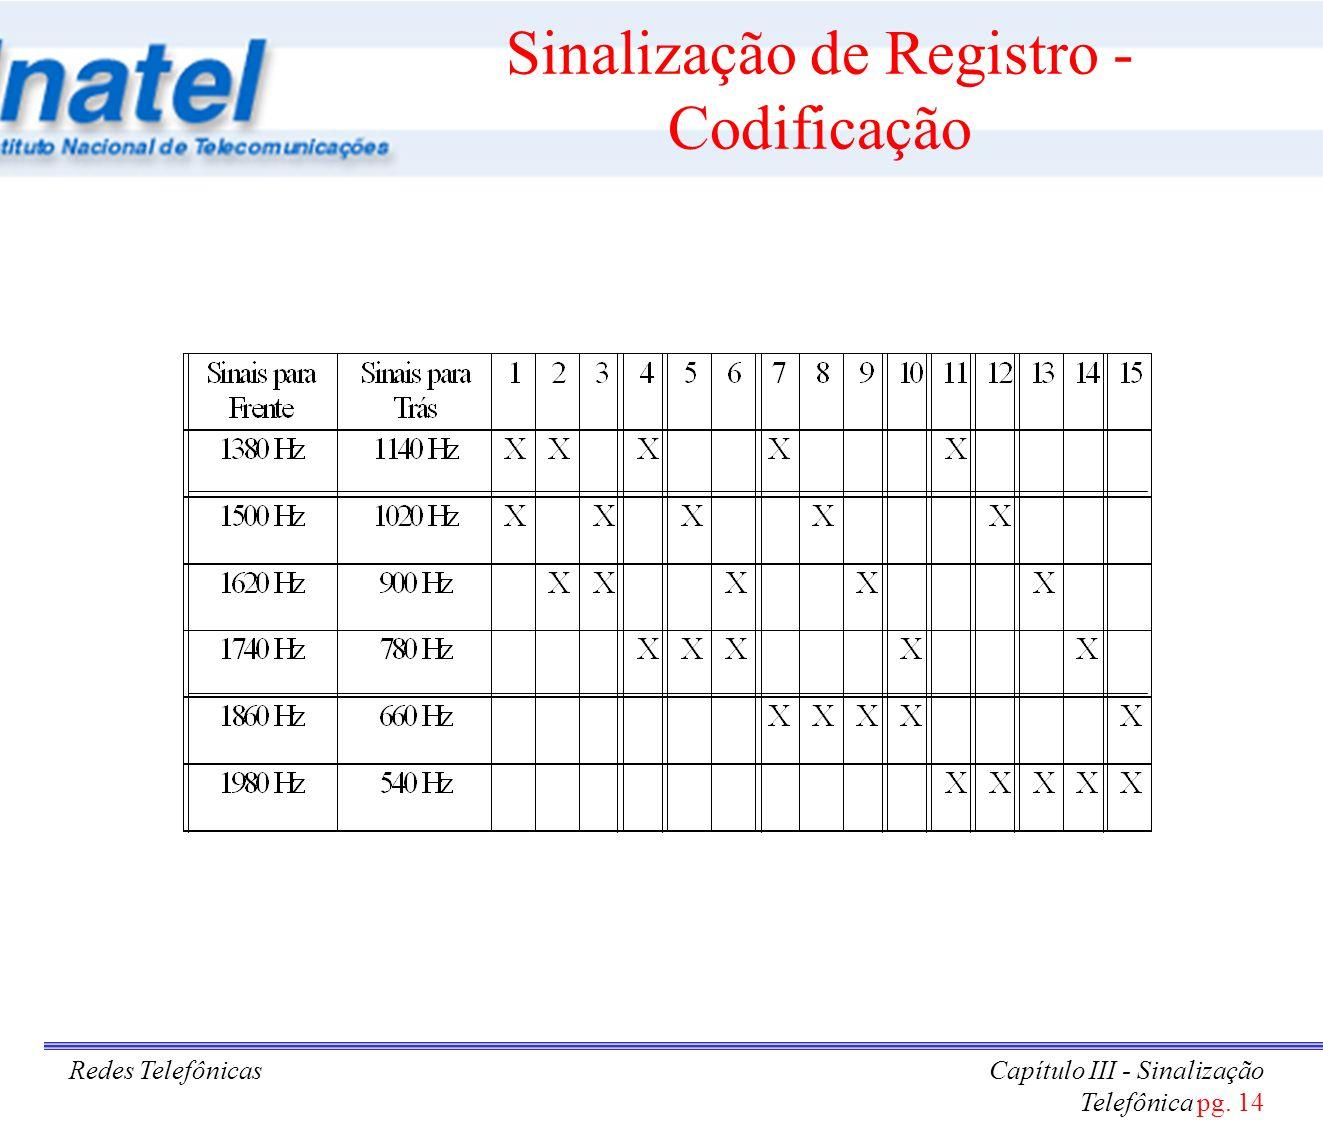 Redes TelefônicasCapítulo III - Sinalização Telefônica pg. 14 Sinalização de Registro - Codificação